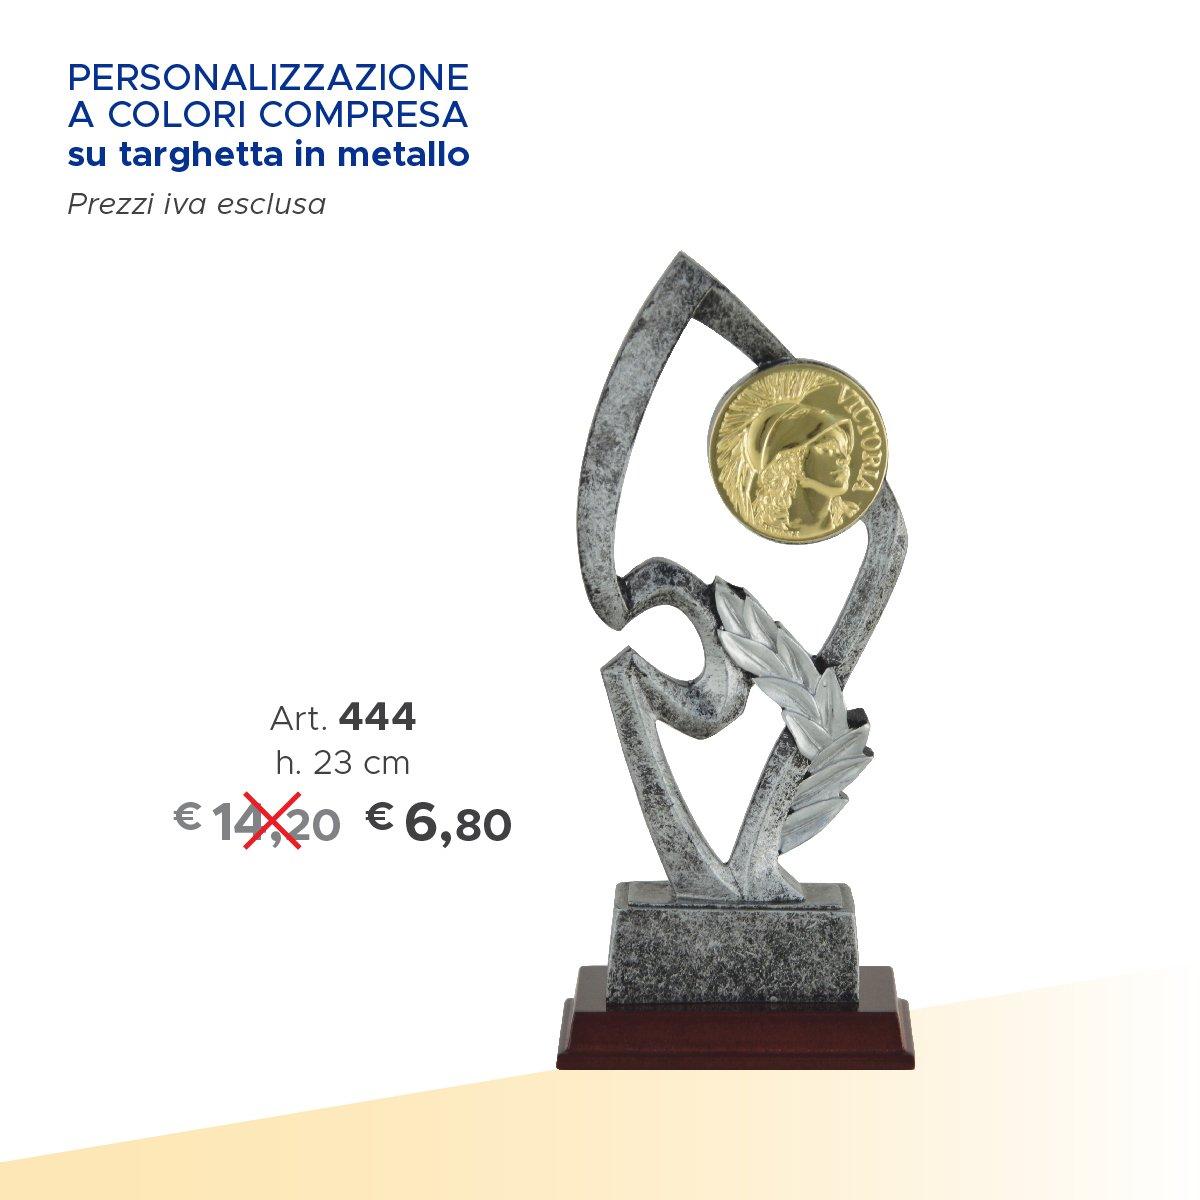 un trofeo personalizzabile e accanto il prezzo